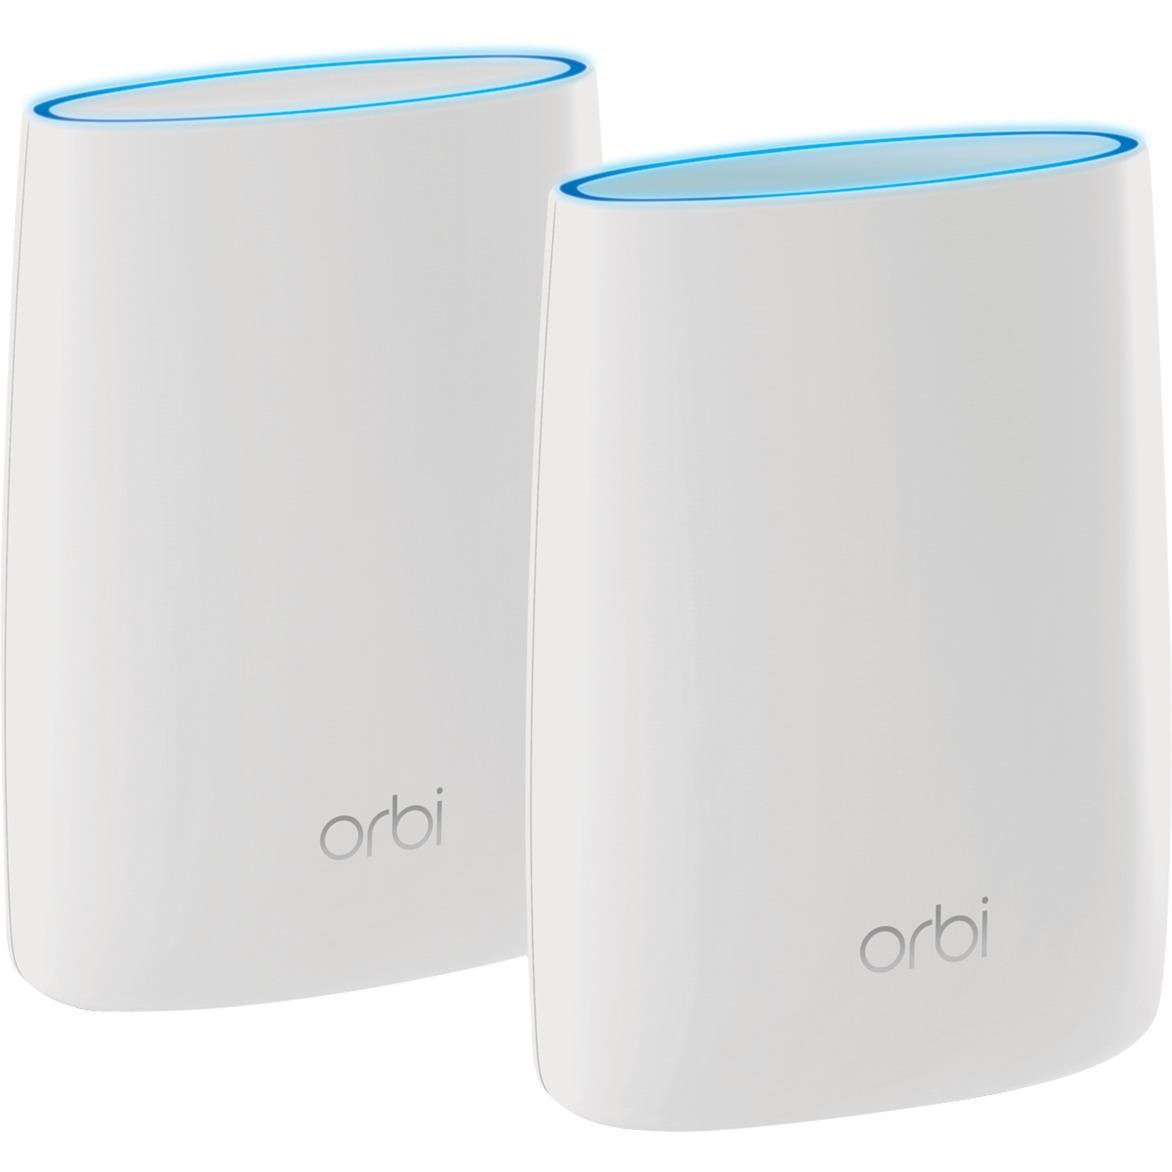 RBK50 Bi-bande (2,4 GHz / 5 GHz) Gigabit Ethernet Blanc routeur sans fil, Routeur de maille